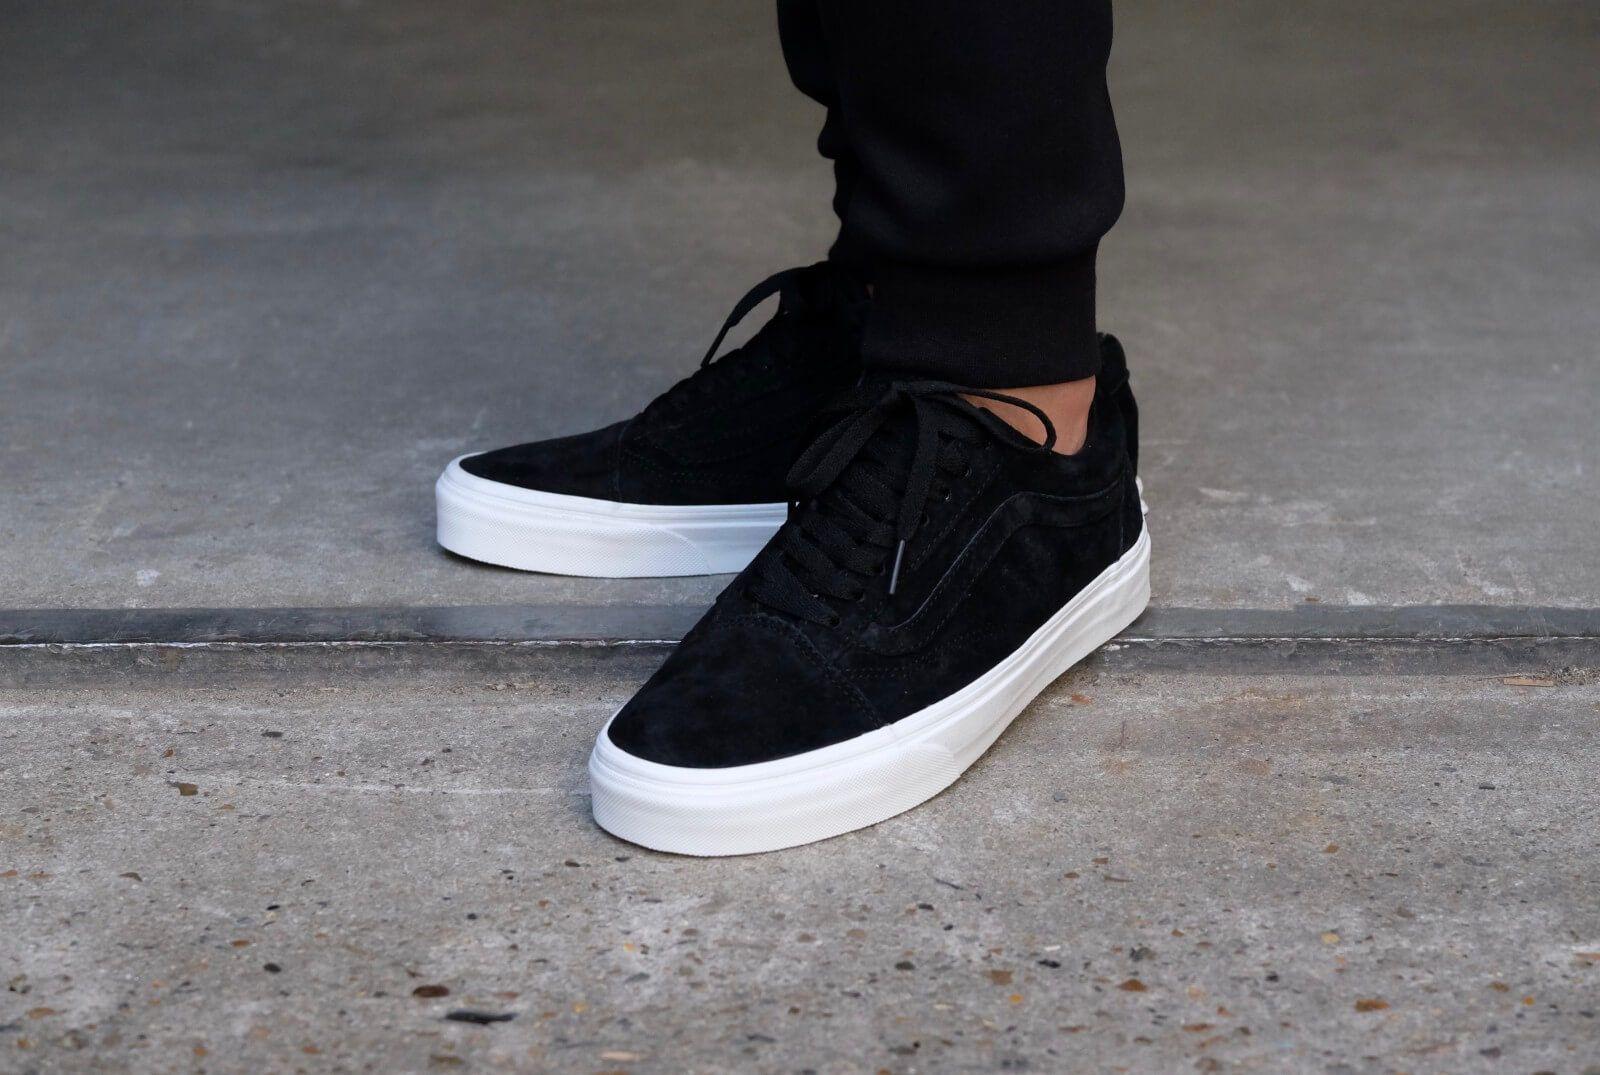 90 Vans Old Skool Pig Suede Black Blanc De Blanc Vn0a38g1jpx Mens Vans Shoes Black Vans Shoes Sneakers Outfit Men